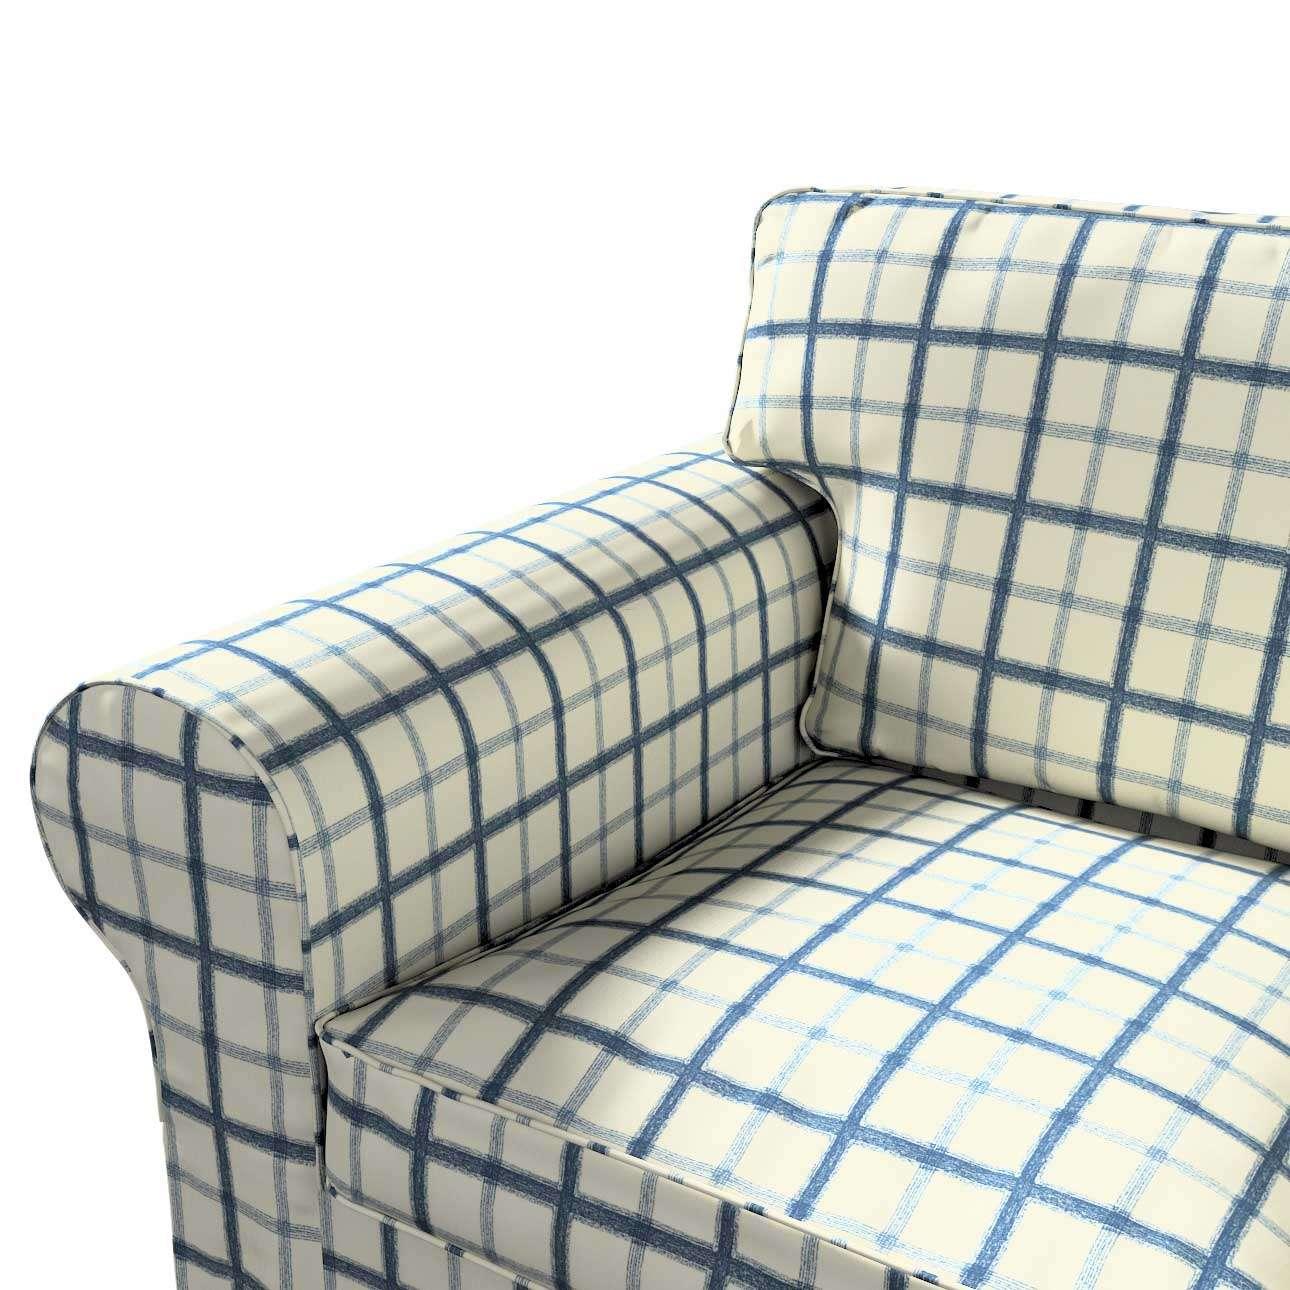 Pokrowiec na sofę Ektorp 2-osobową, rozkładaną STARY MODEL Sofa Ektorp 2-osobowa rozkładana w kolekcji Avinon, tkanina: 131-66